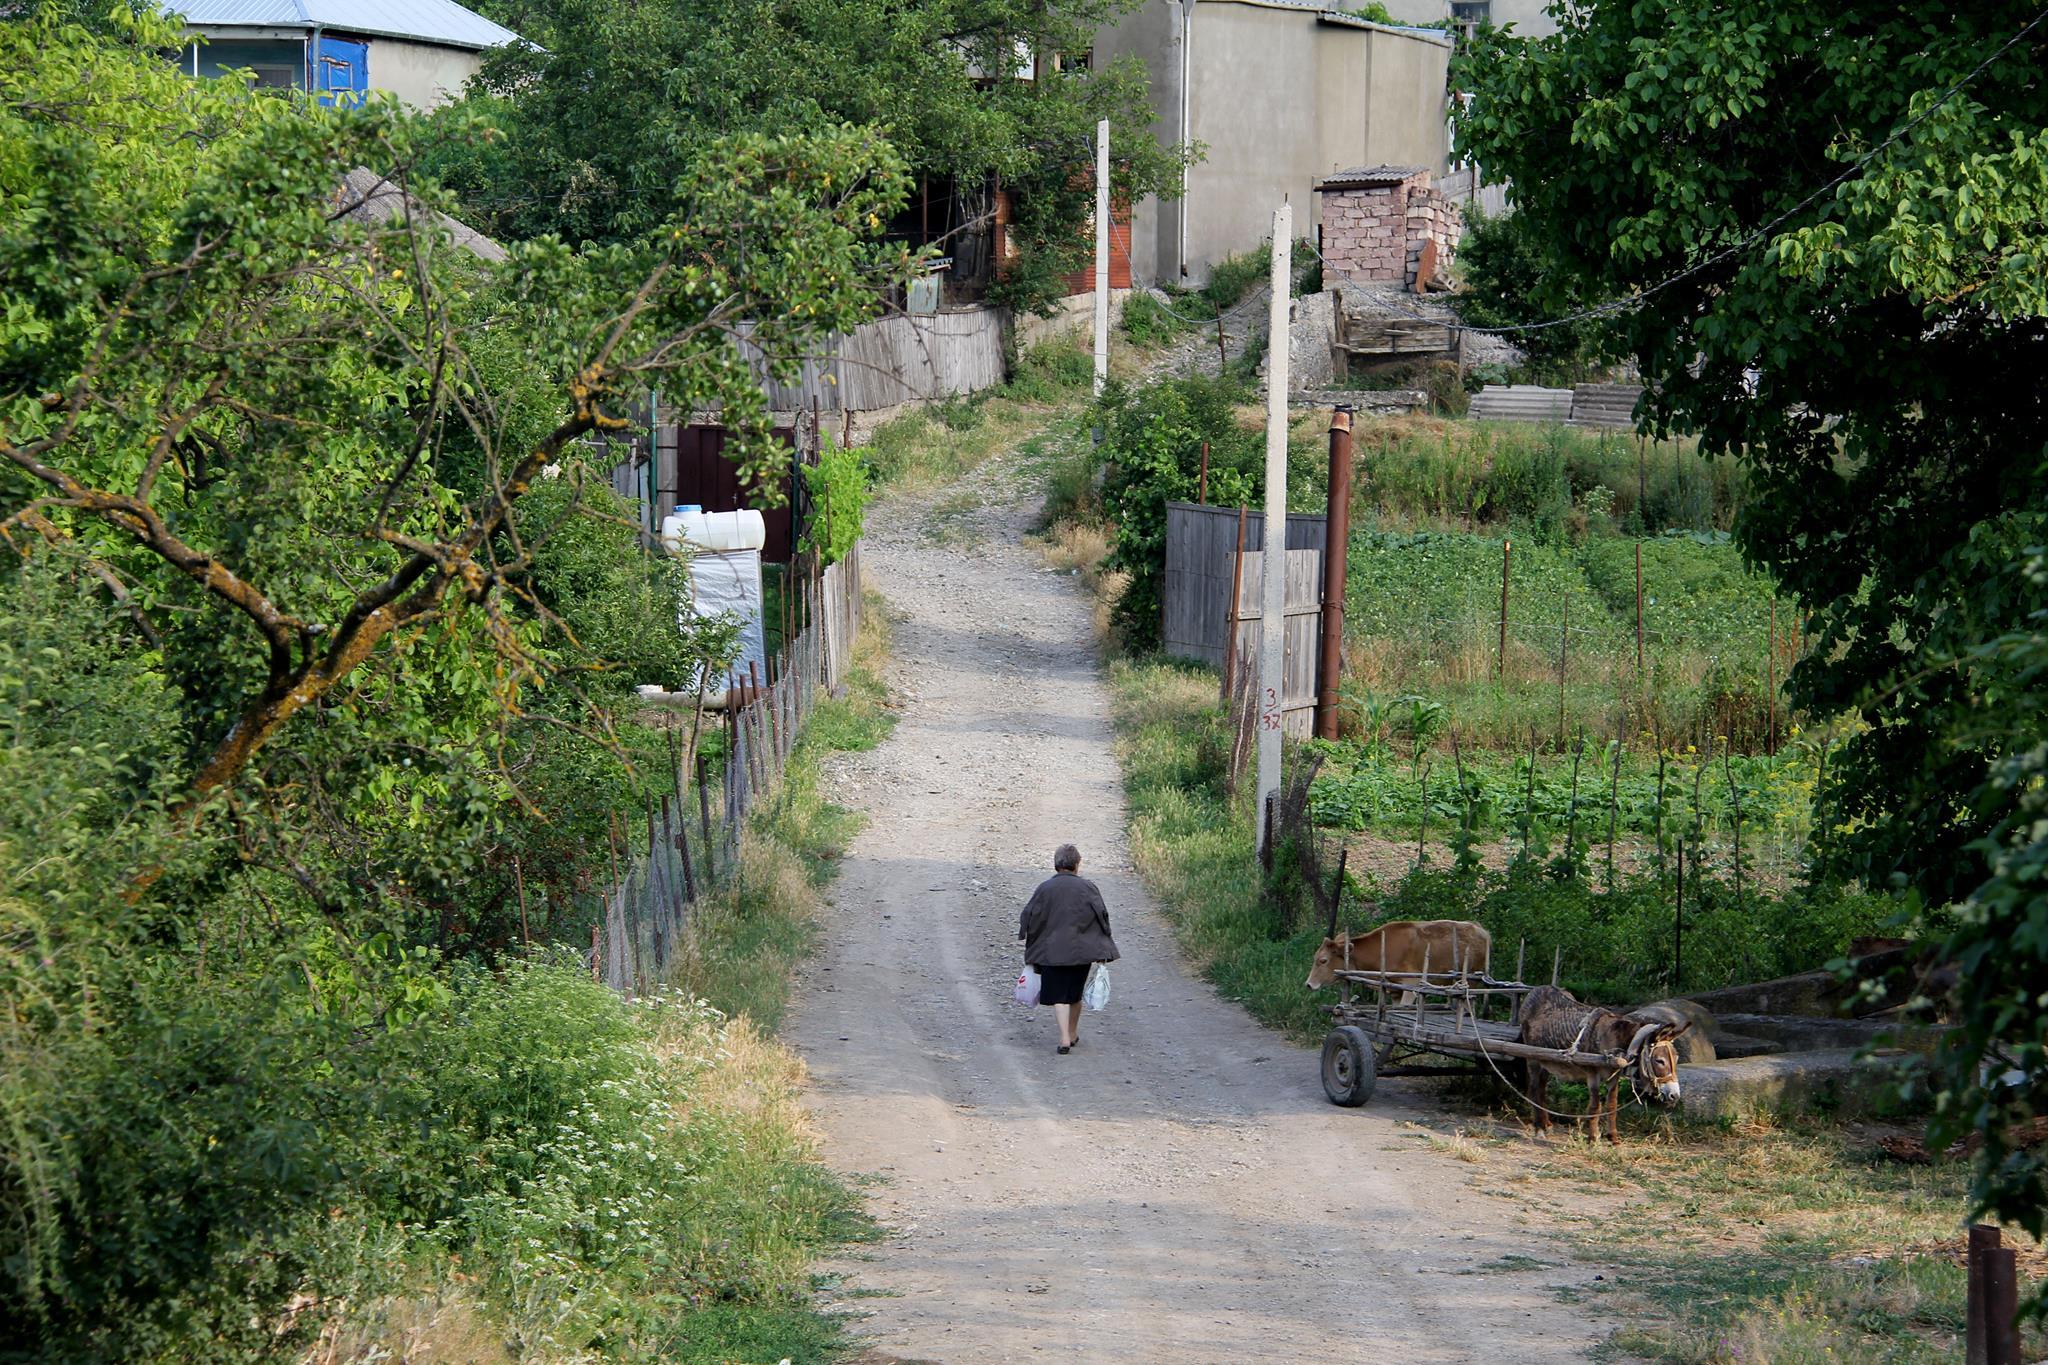 Как живут люди в Картли, Грузия. Блог и фотографии Марго Леско